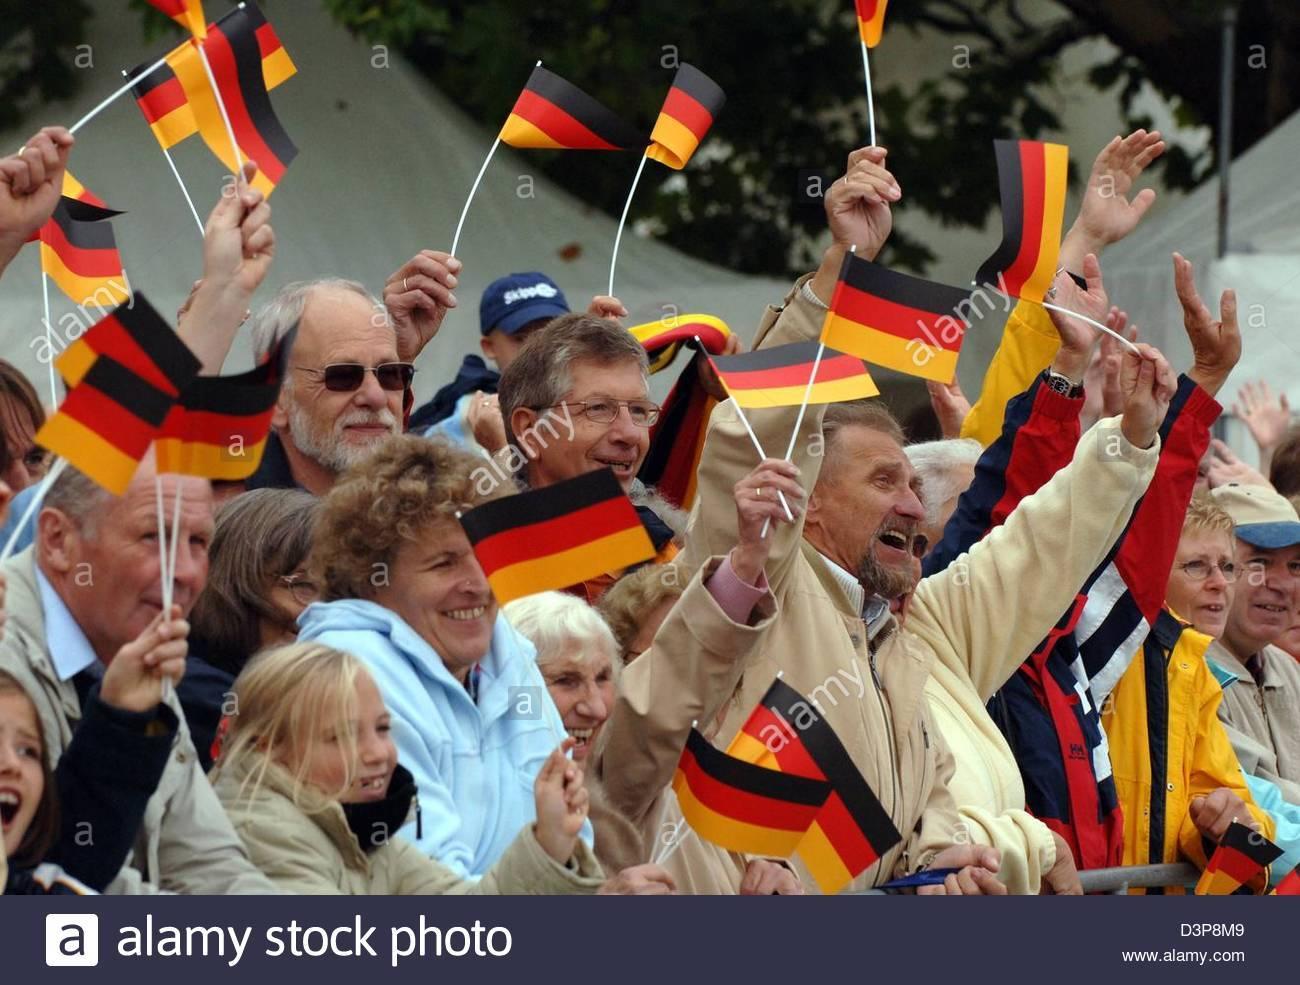 Список всех праздников в германии: национальные, народные, популярные праздники по датам празднования